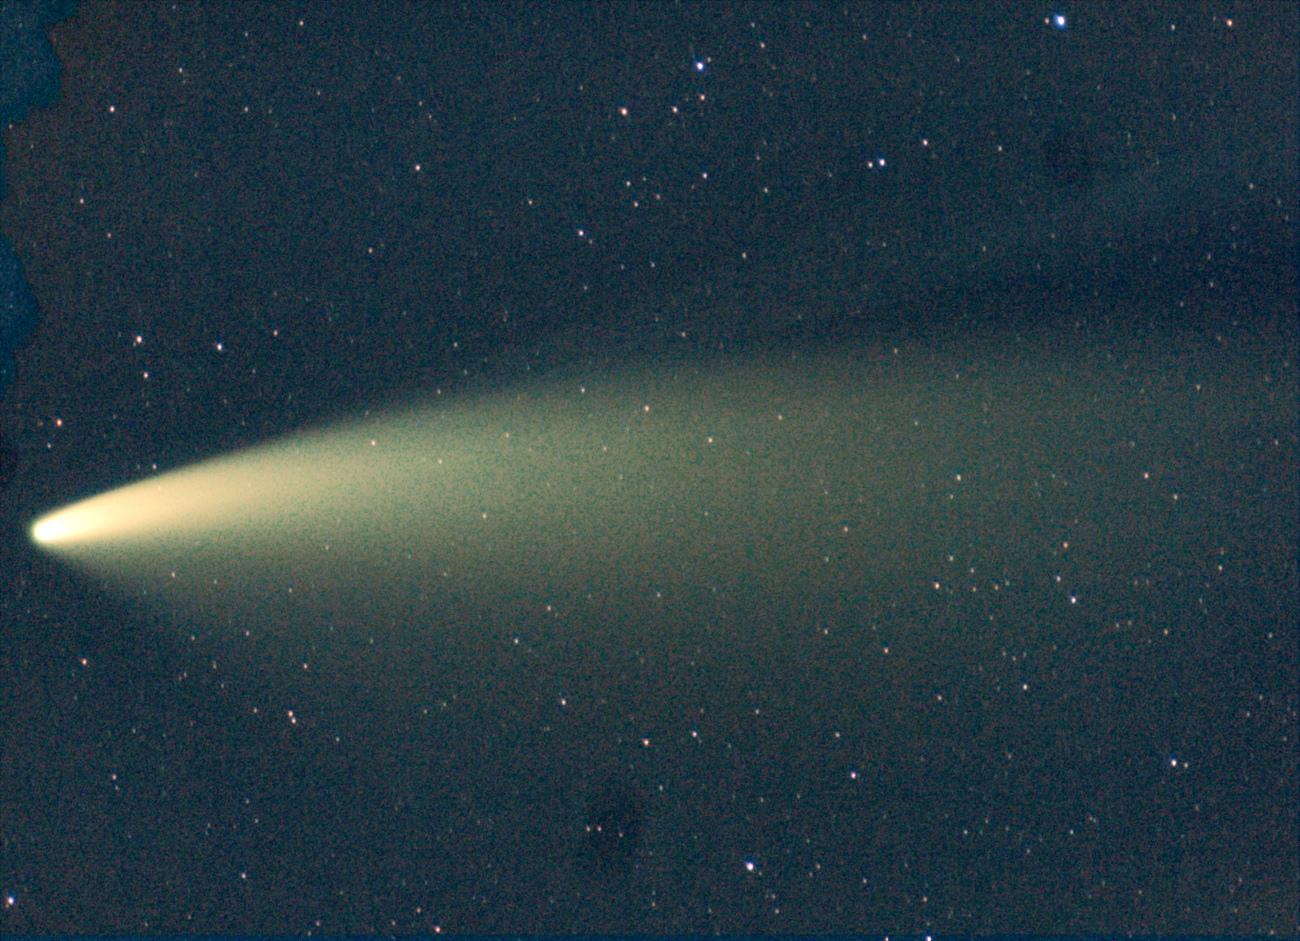 Neowise021_r_pp_800ASA_p14deg_EOS300D_Tele300mm_30s_stacked_comete.jpg.ac4f5c64d8e0632c6b12600dd3e9021a.jpg